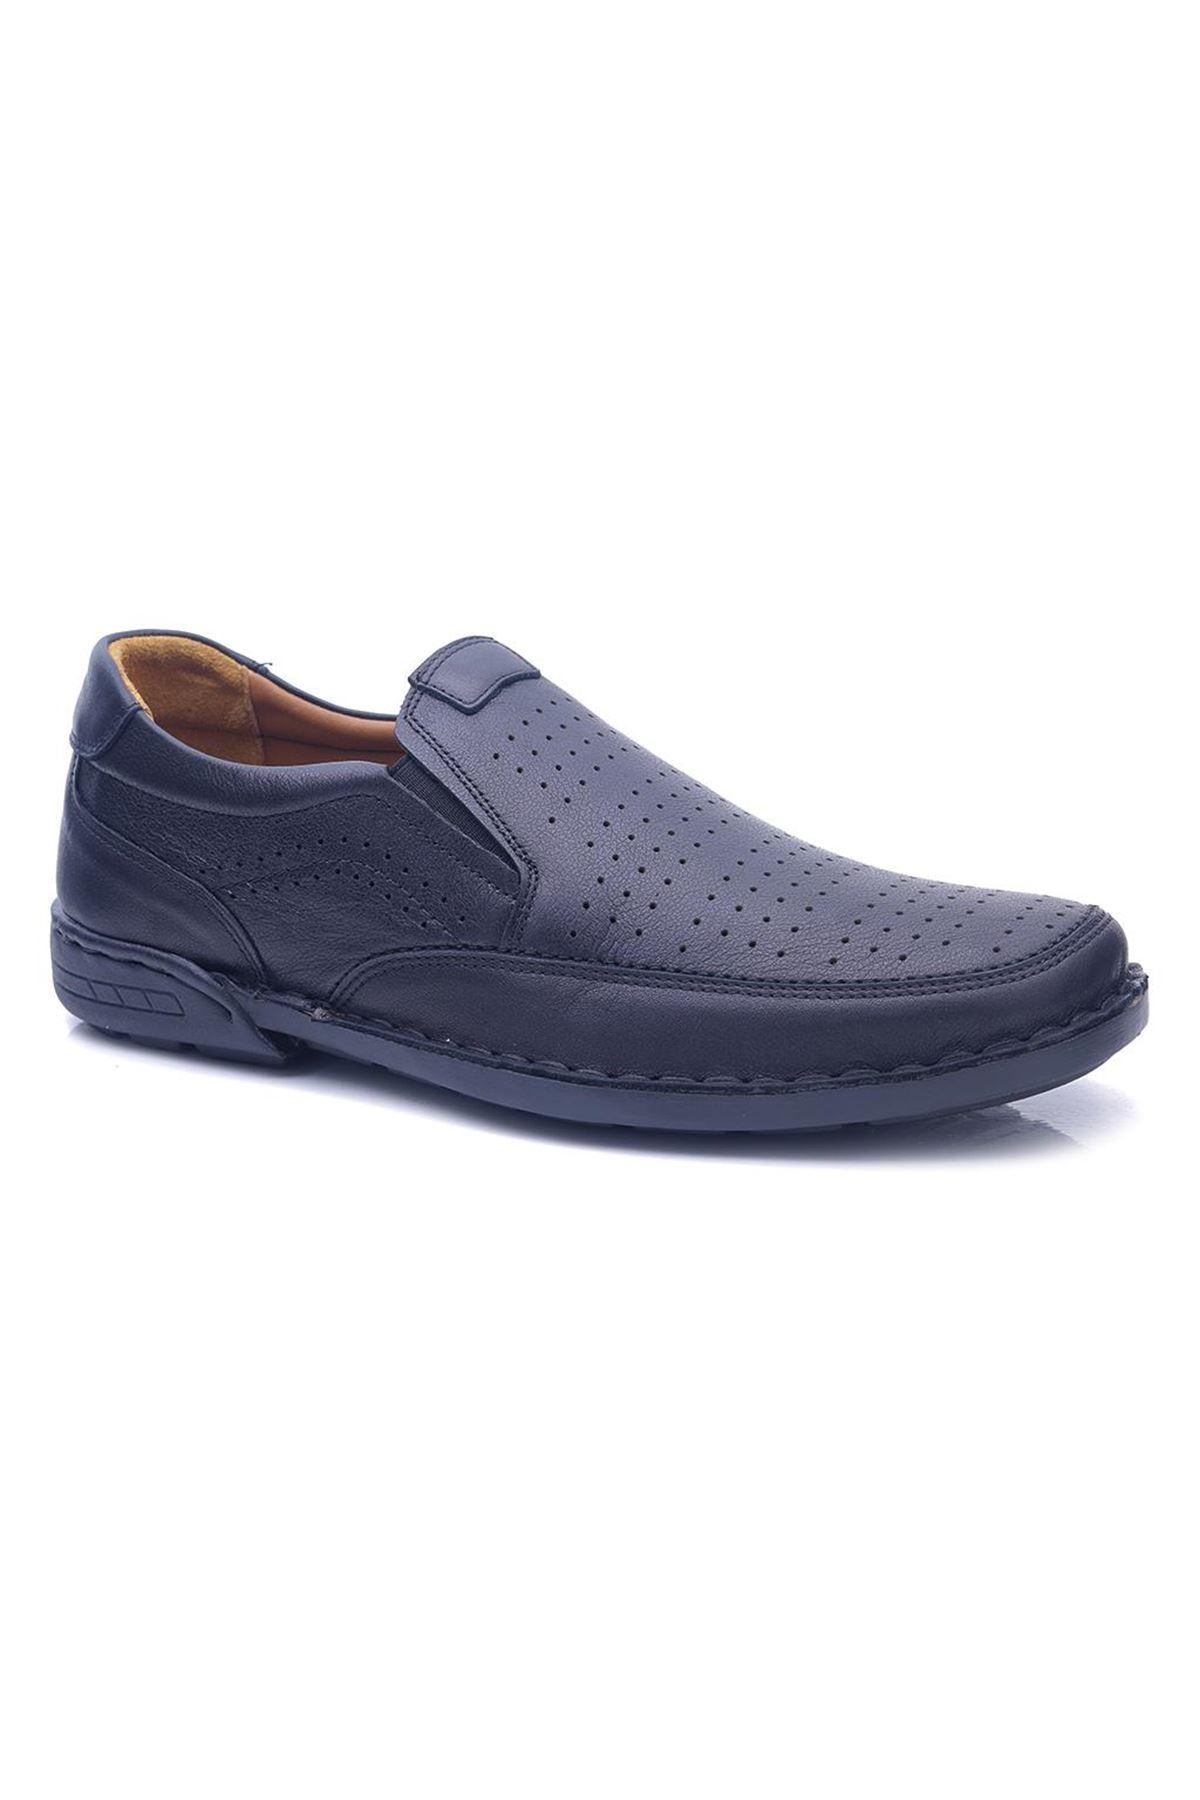 Polaris Ortopedik Hakiki Deri Erkek Ayakkabı